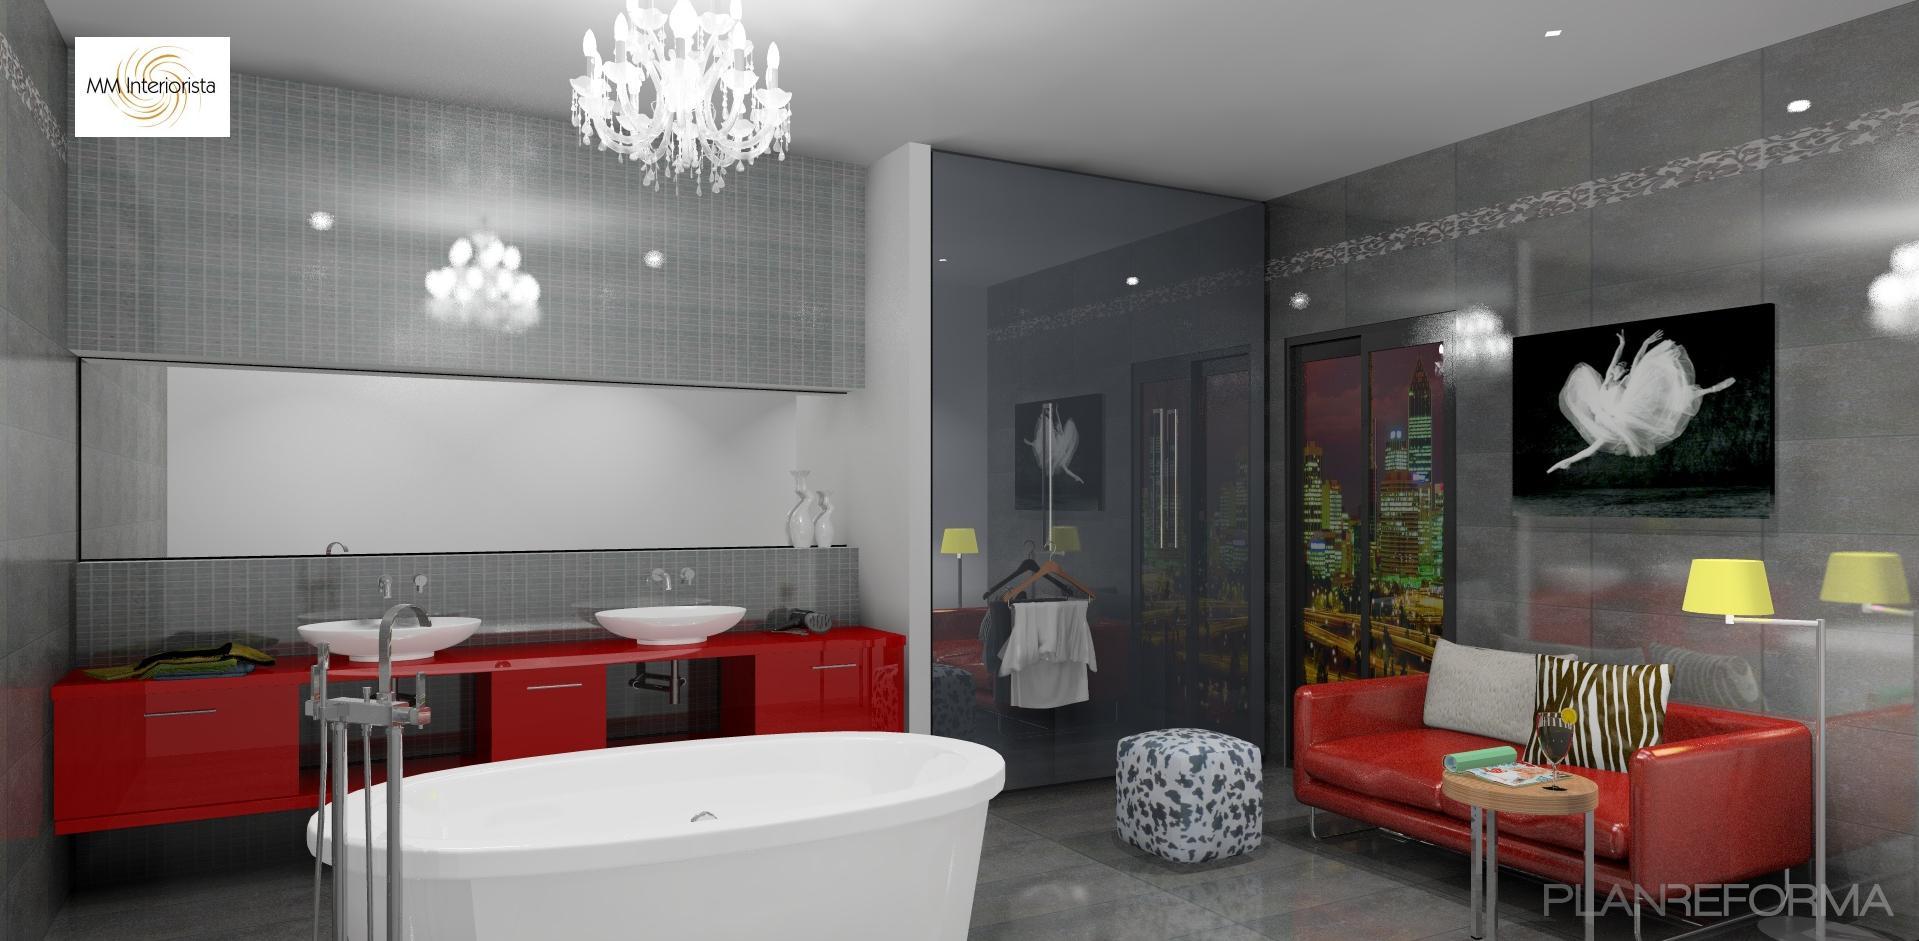 Ba o style vanguardista color rojo rosa blanco gris for Decoracion casa rojo